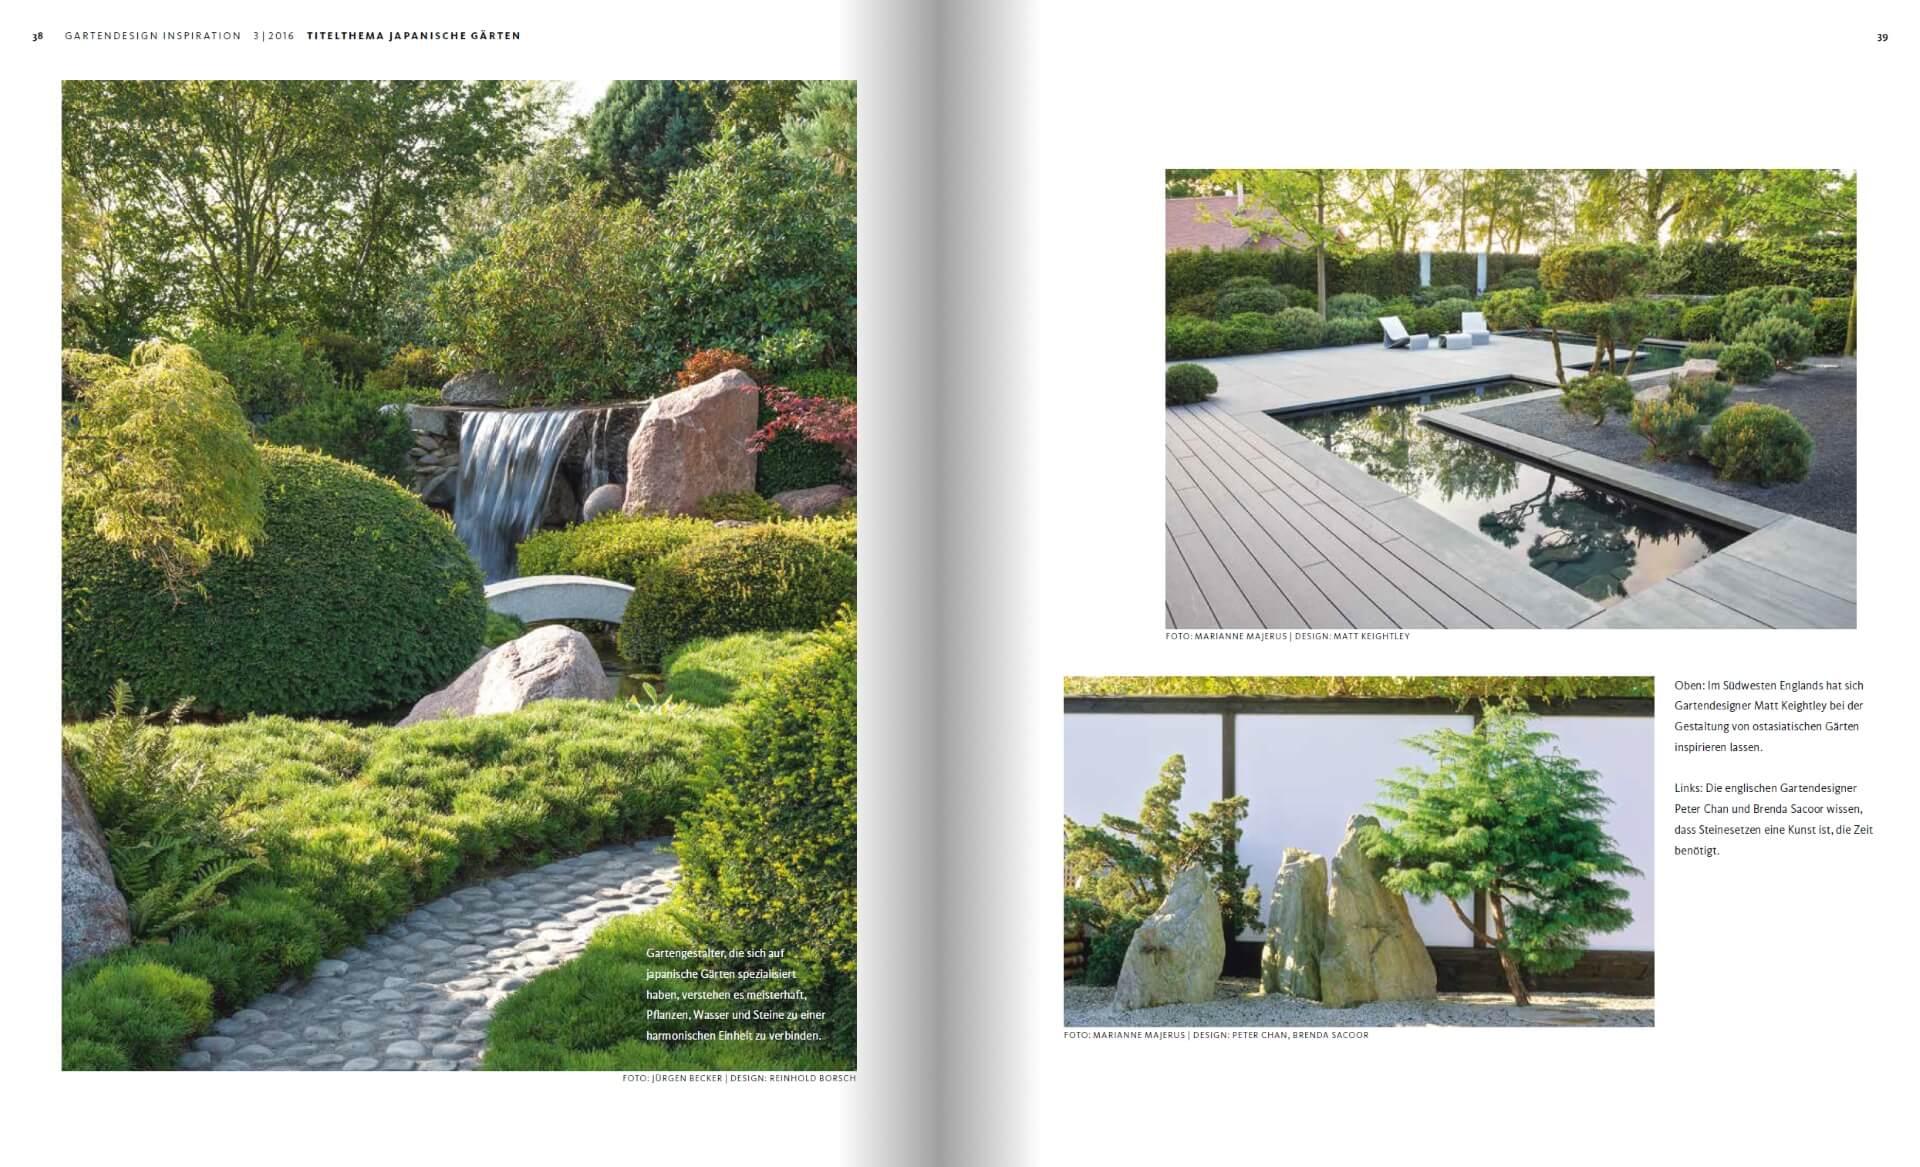 GARTENDESIGN INSPIRATION 3/2016: Japanische Gärten